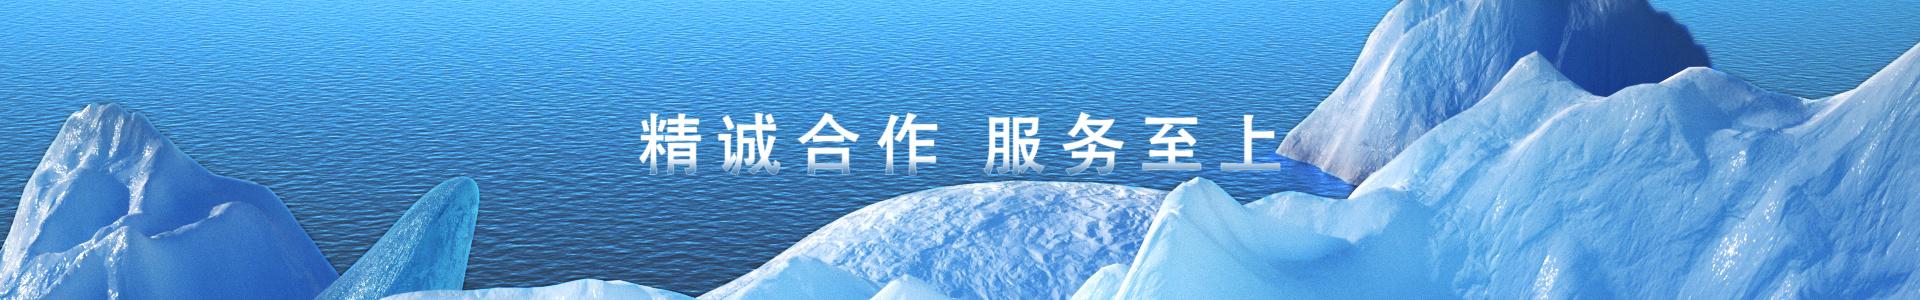 內蒙古制冷設備